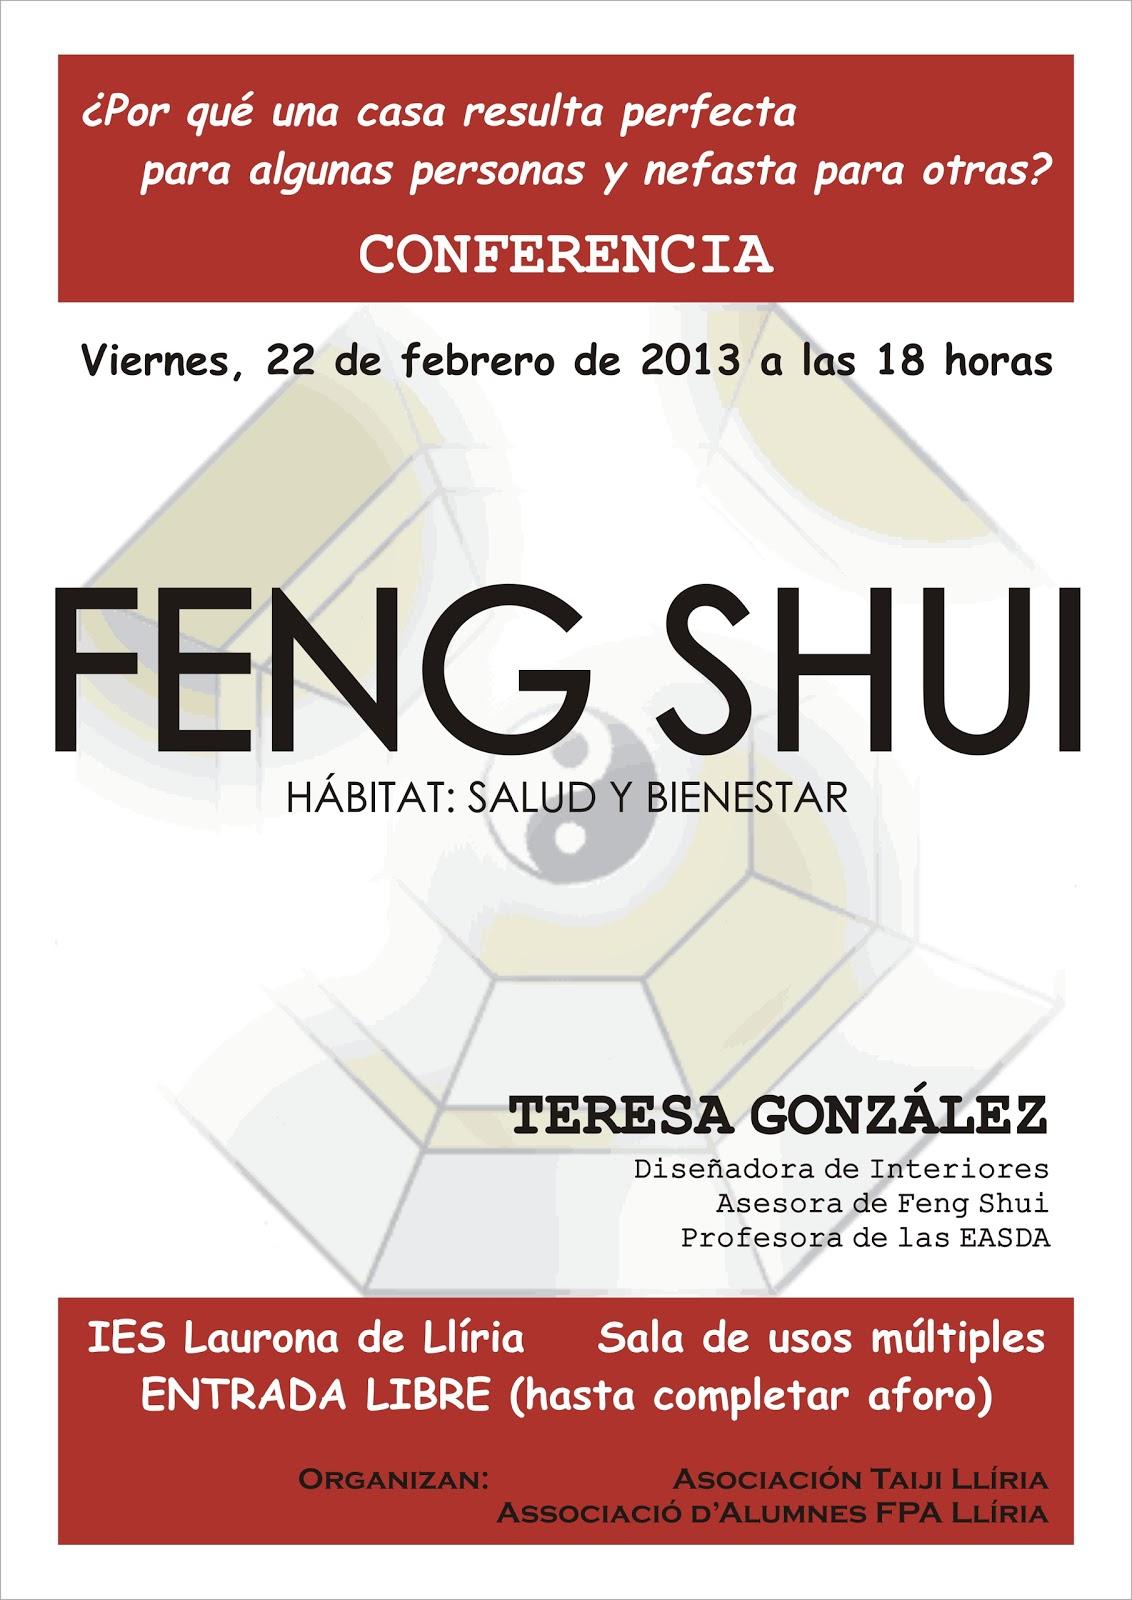 El habitat el dise o y la armon a en el espacio febrero 2013 - Feng shui para la salud ...